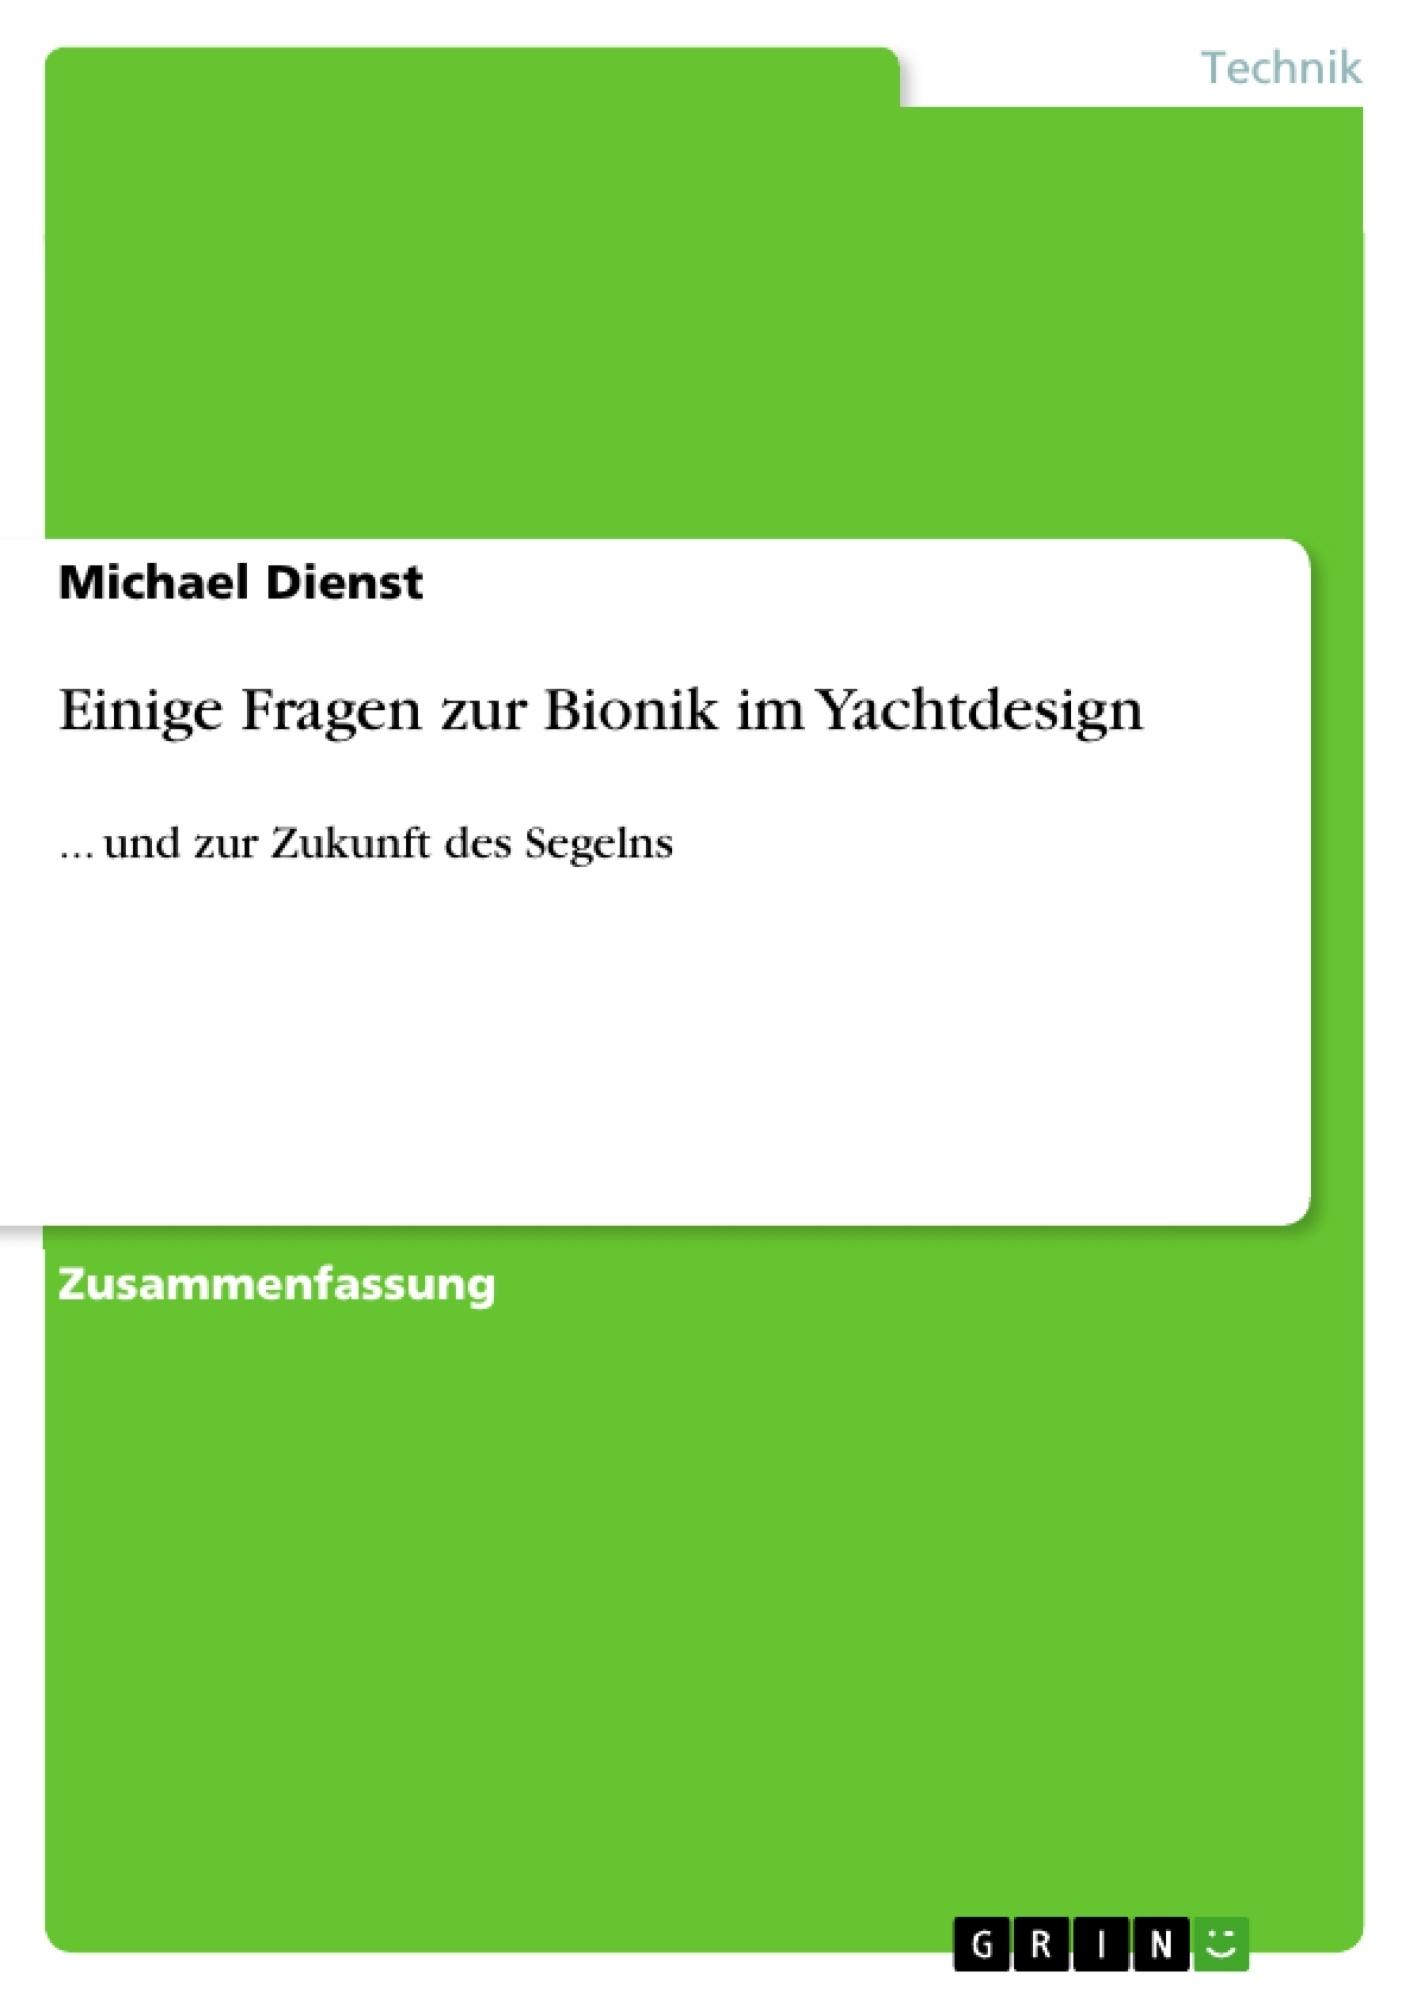 Titel: Einige Fragen zur Bionik im Yachtdesign